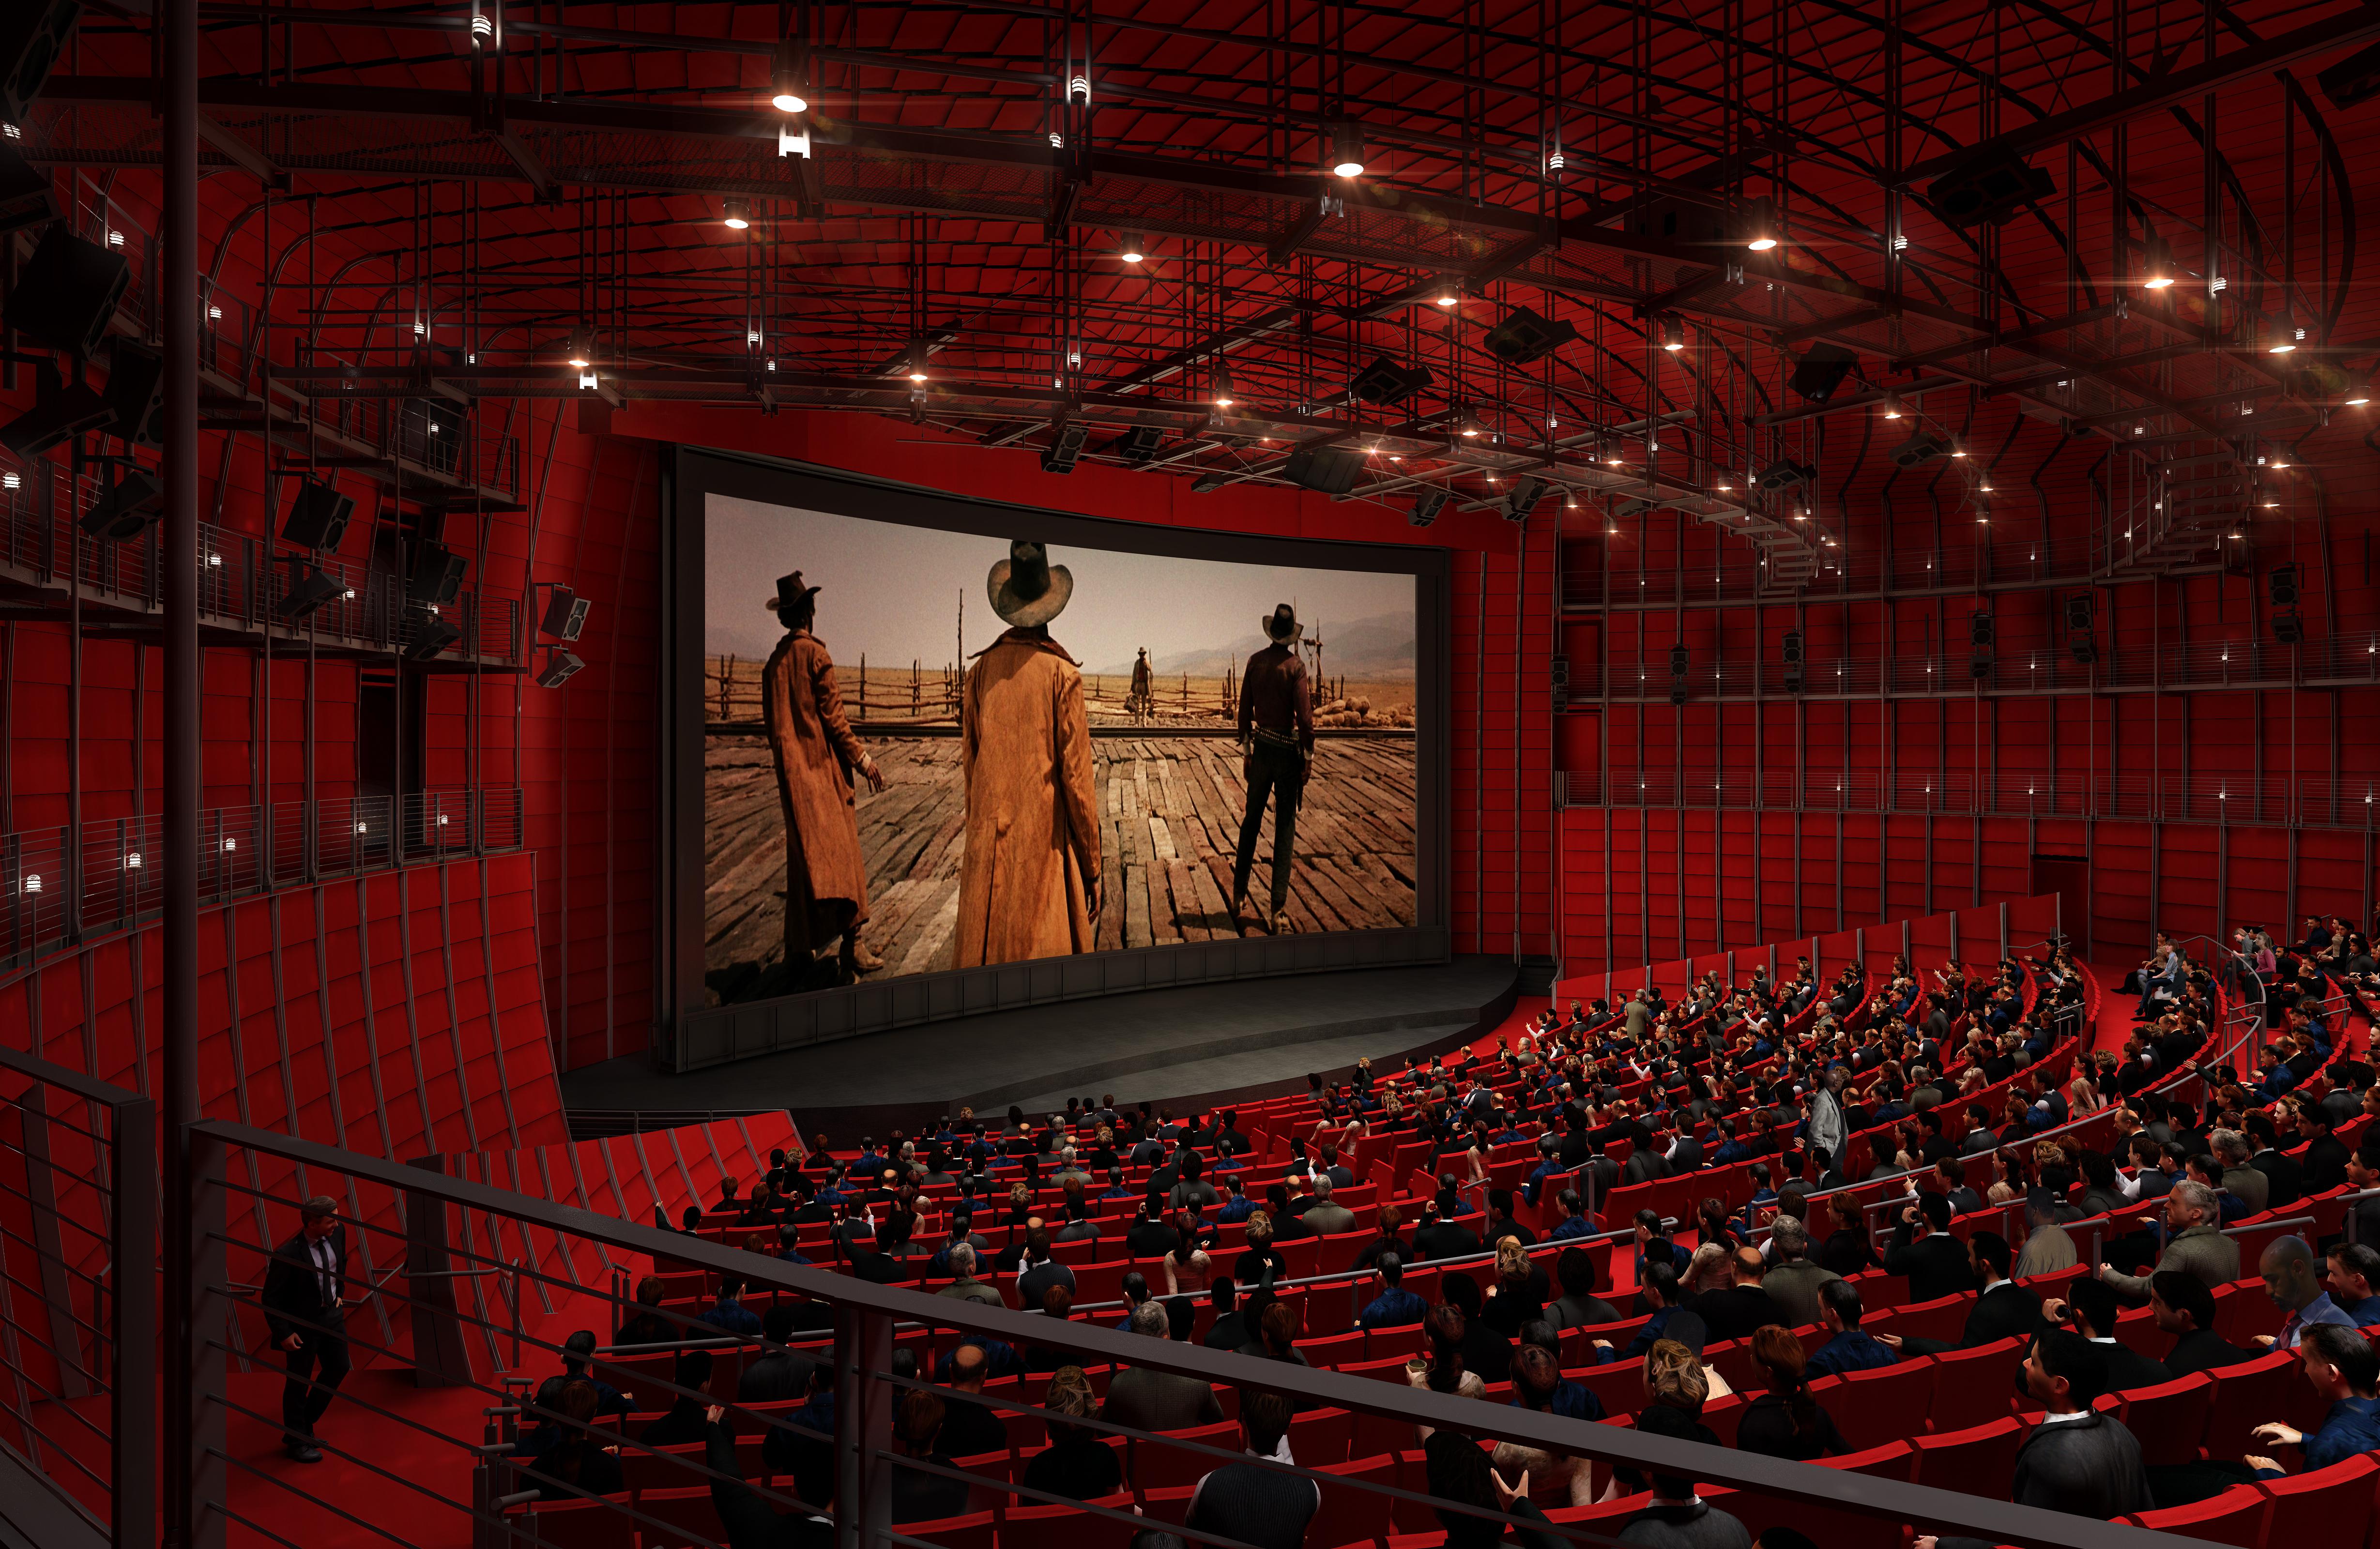 David Geffen Theatre, dentro da construção esférica, com mil lugares